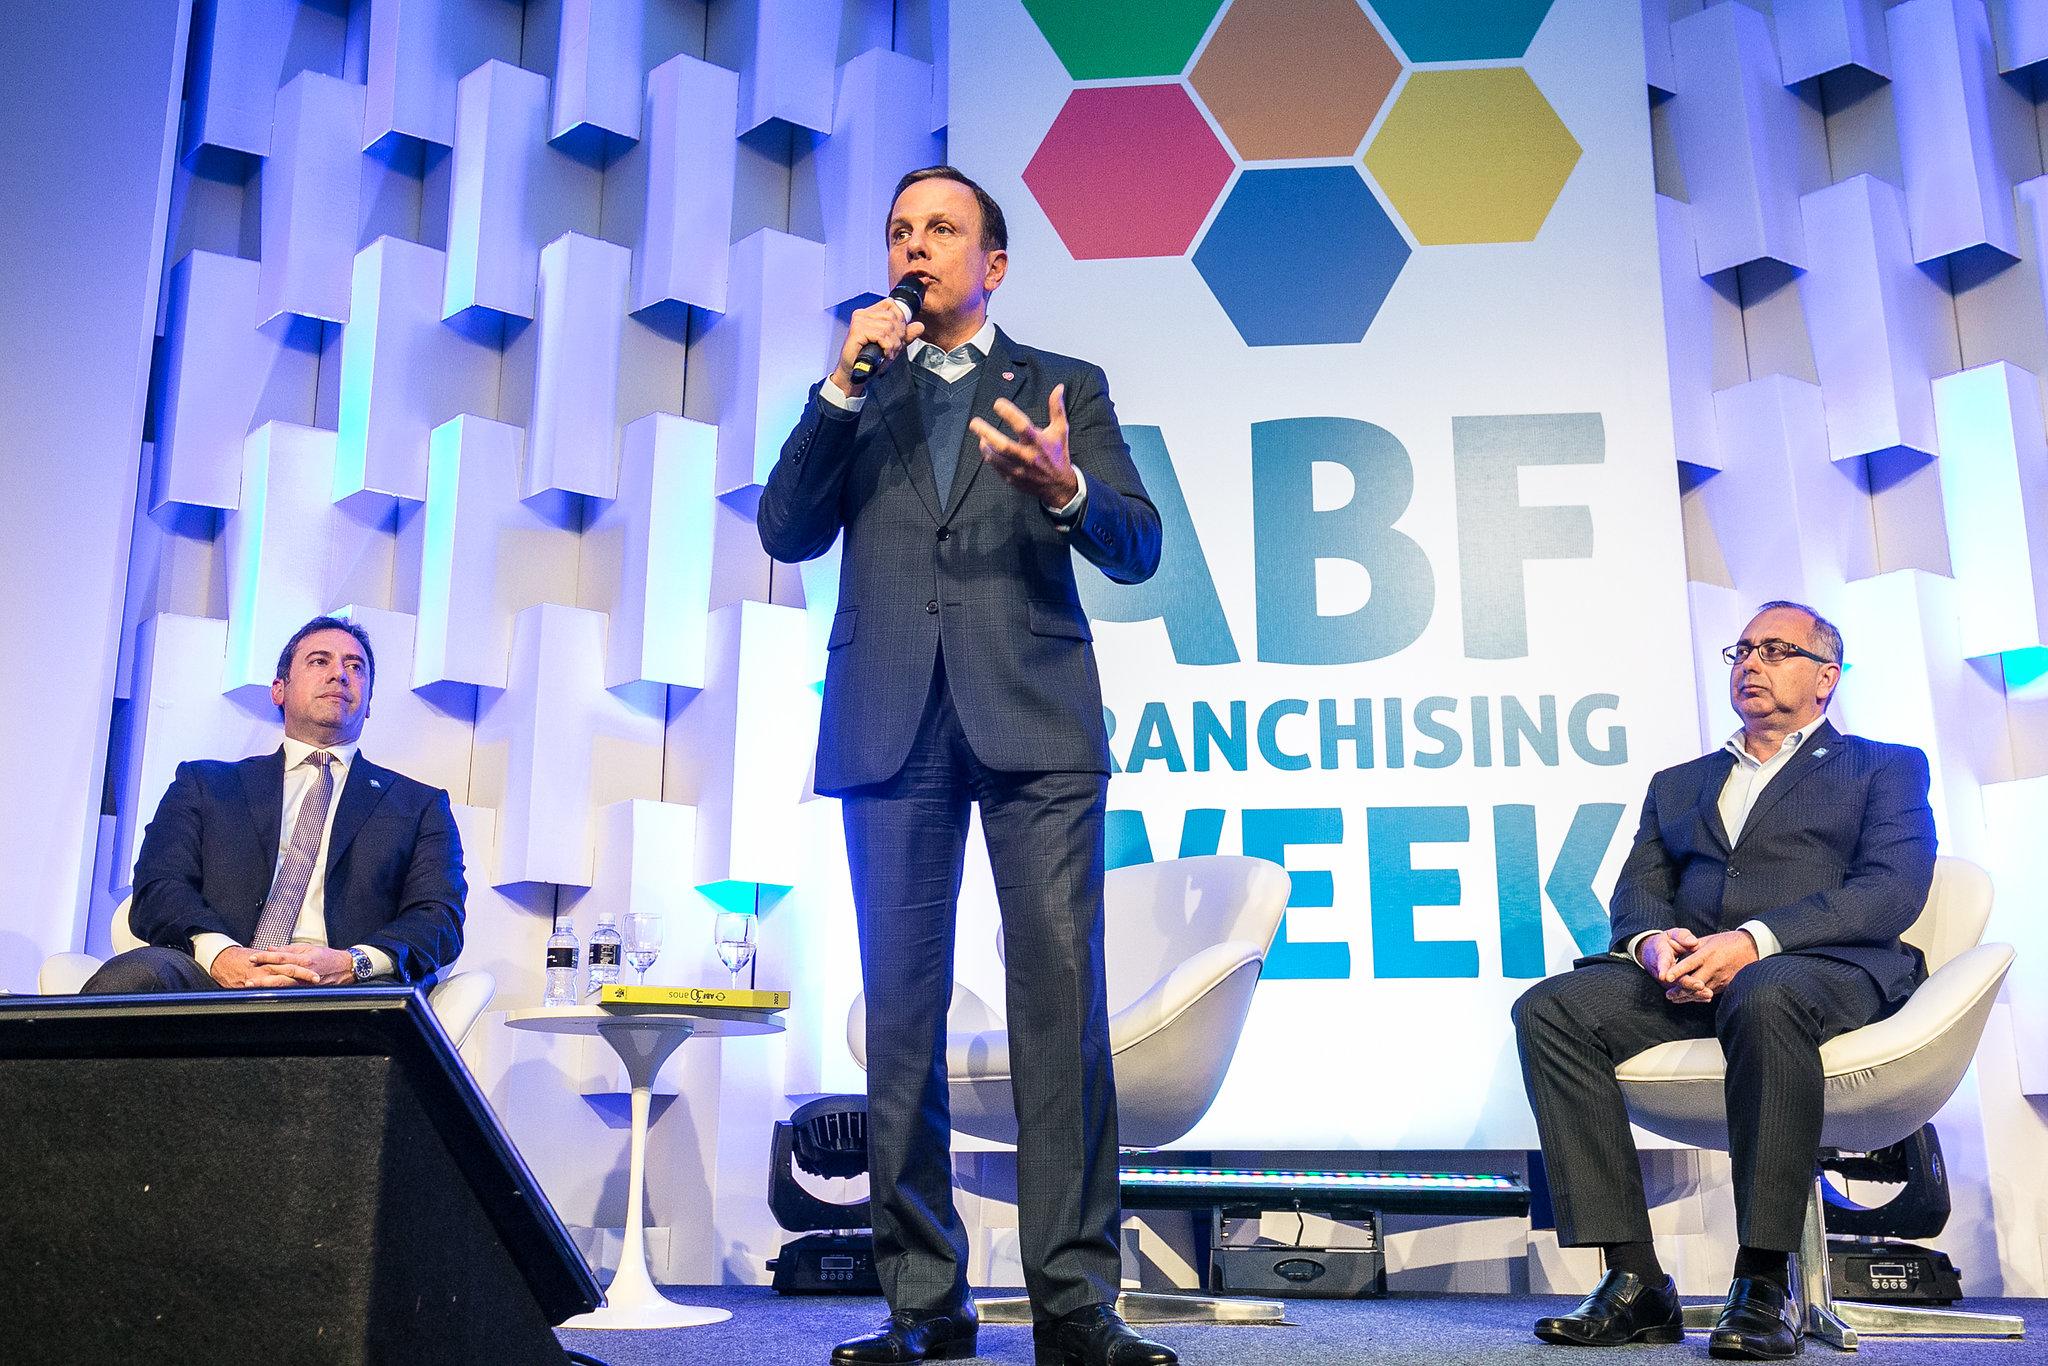 ABF anuncia apoio ao Programa Trabalho Novo da Prefeitura de São Paulo